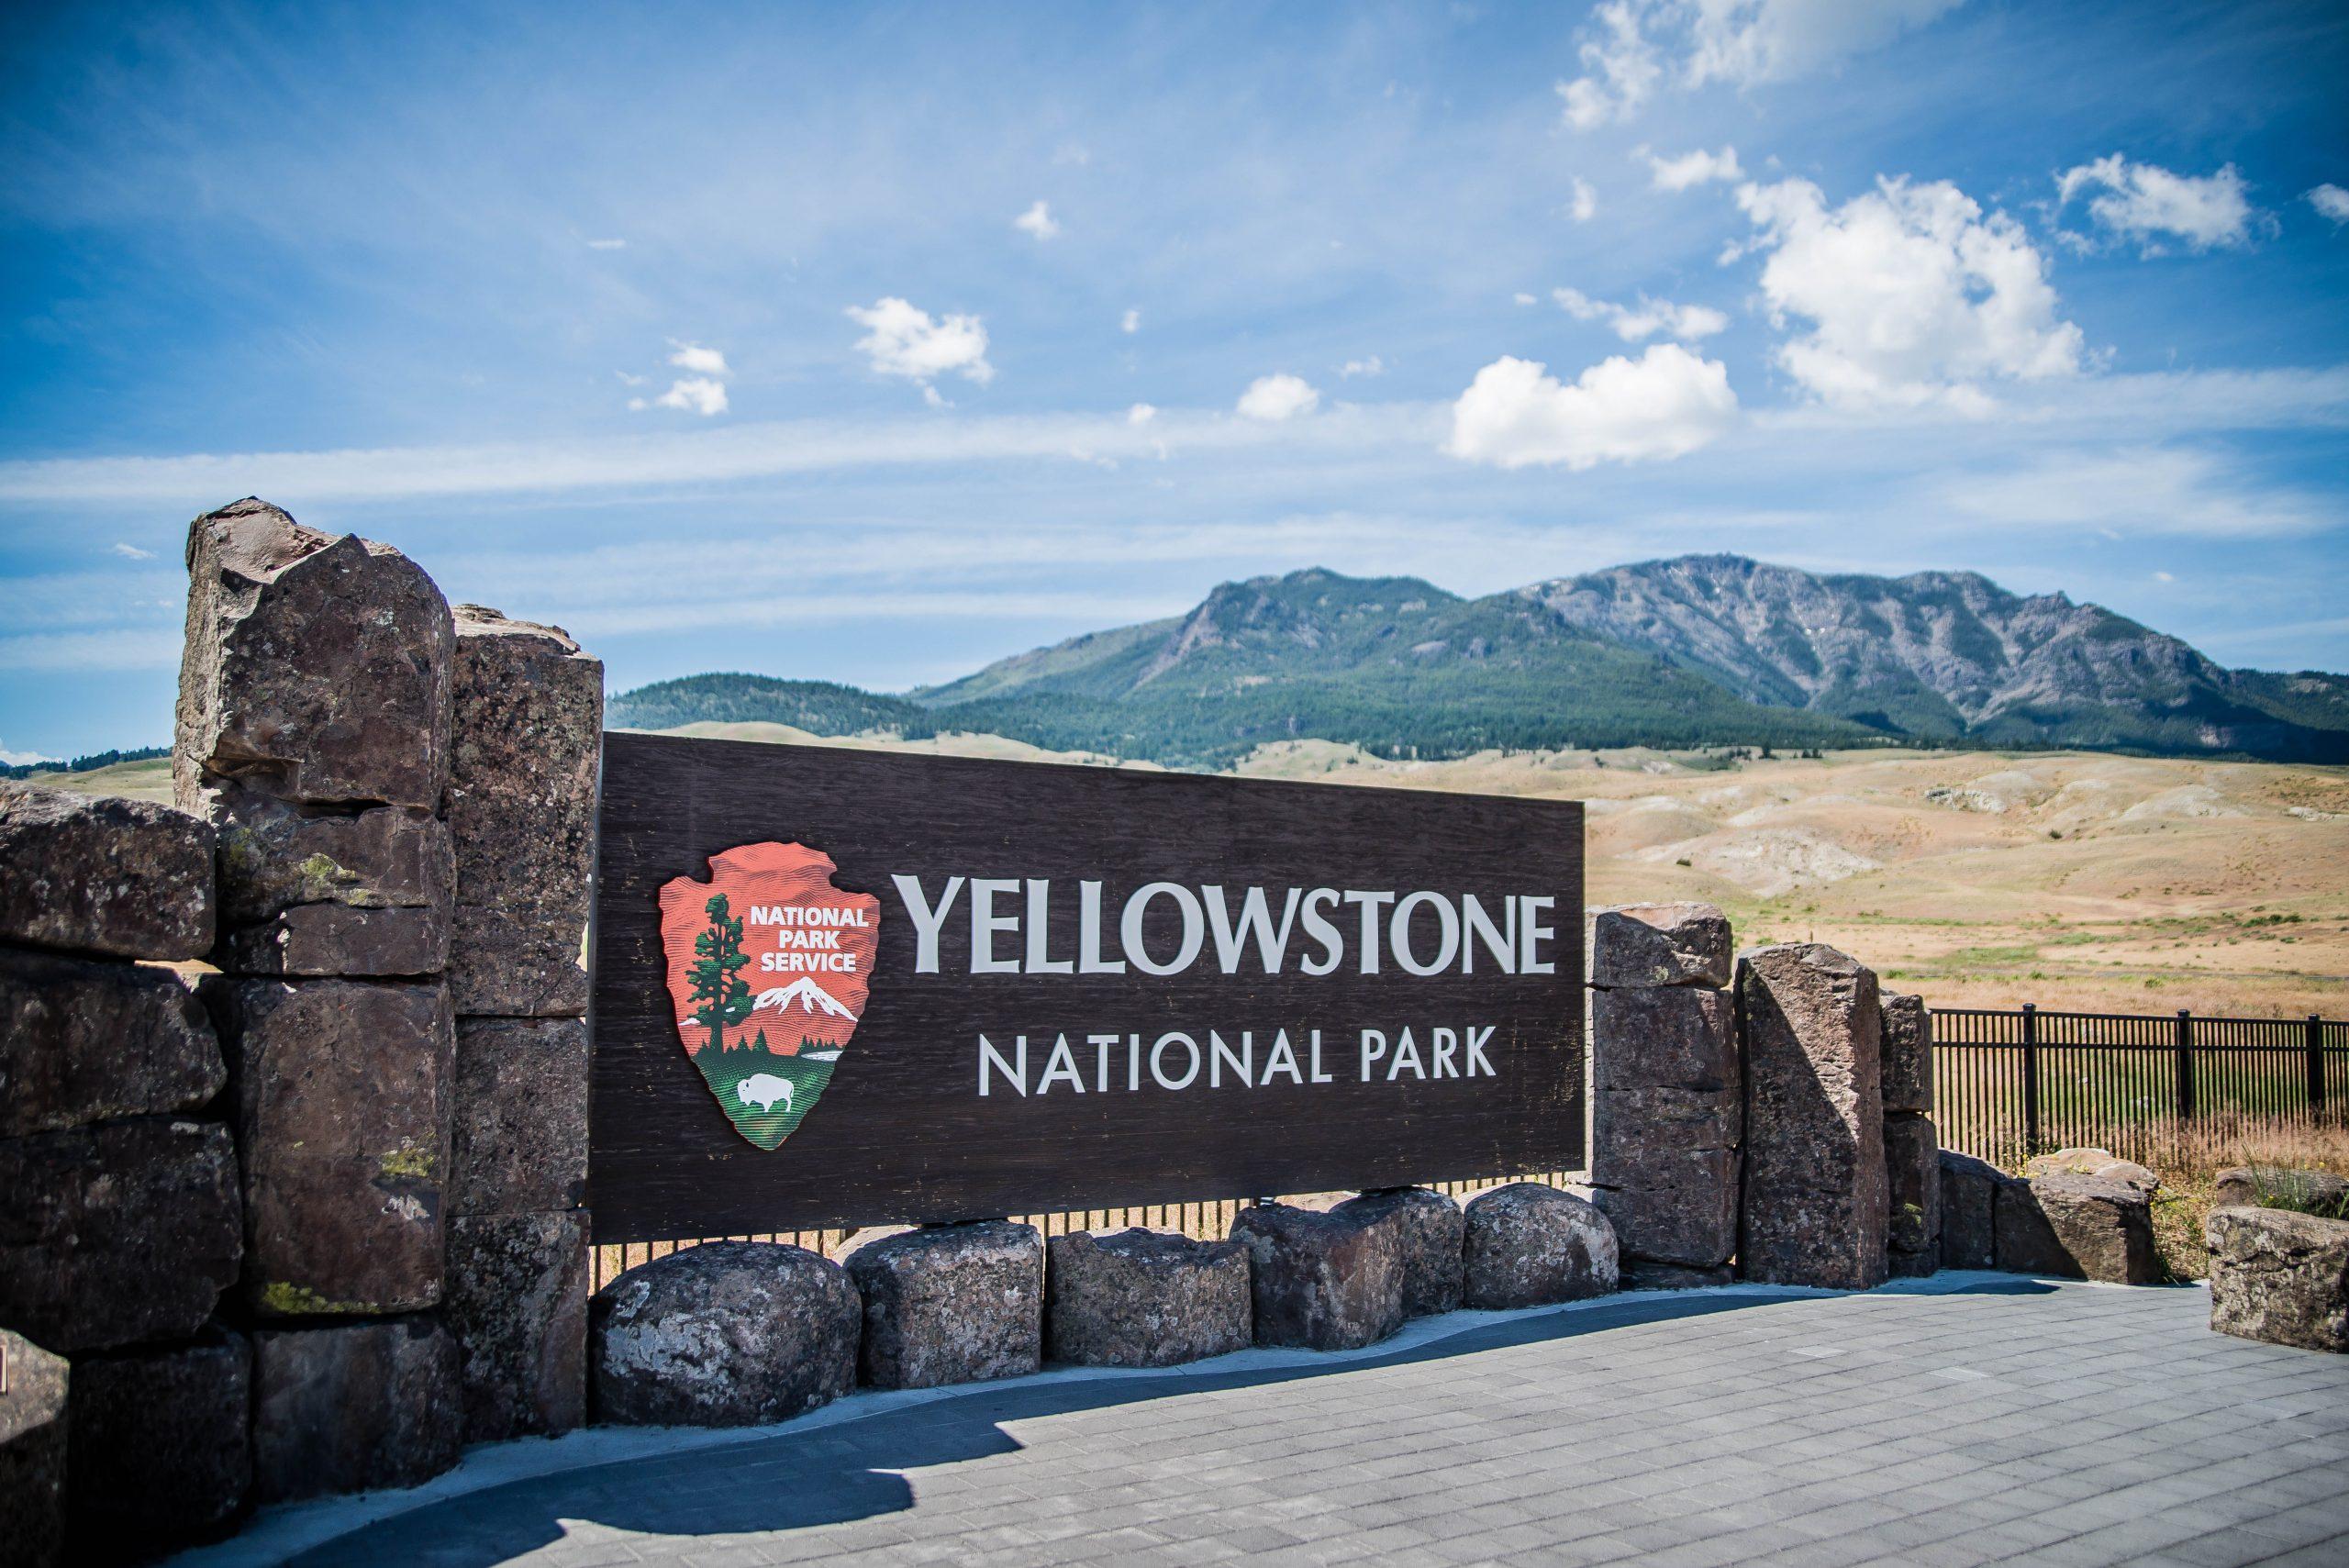 Family Trip to Yellowstone